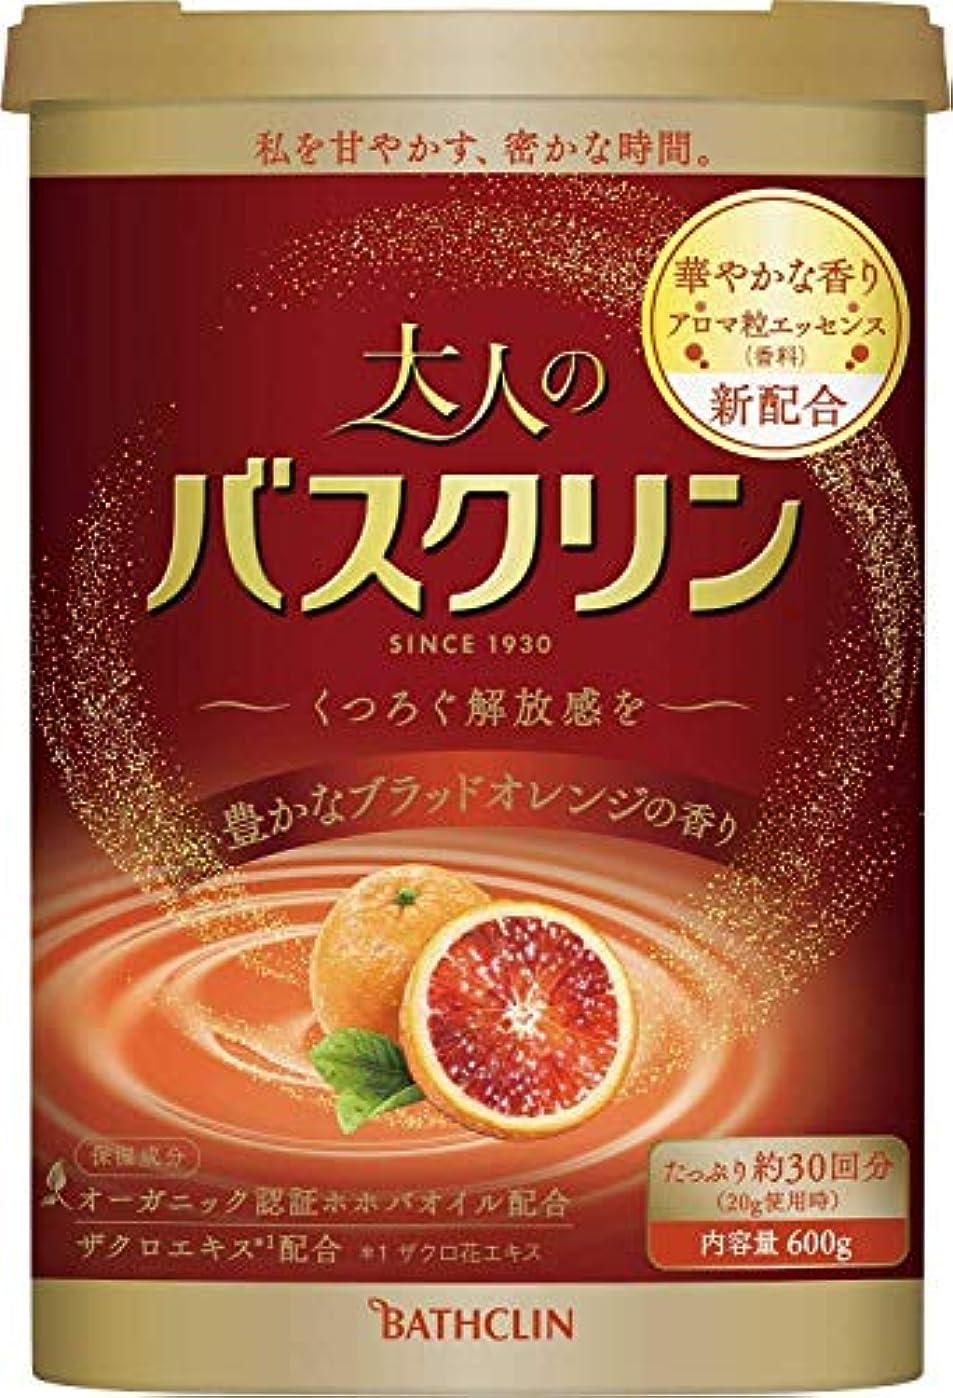 マウントバンクシロクマ条件付き大人のバスクリン豊かなブラッドオレンジの香り600g入浴剤(約30回分)